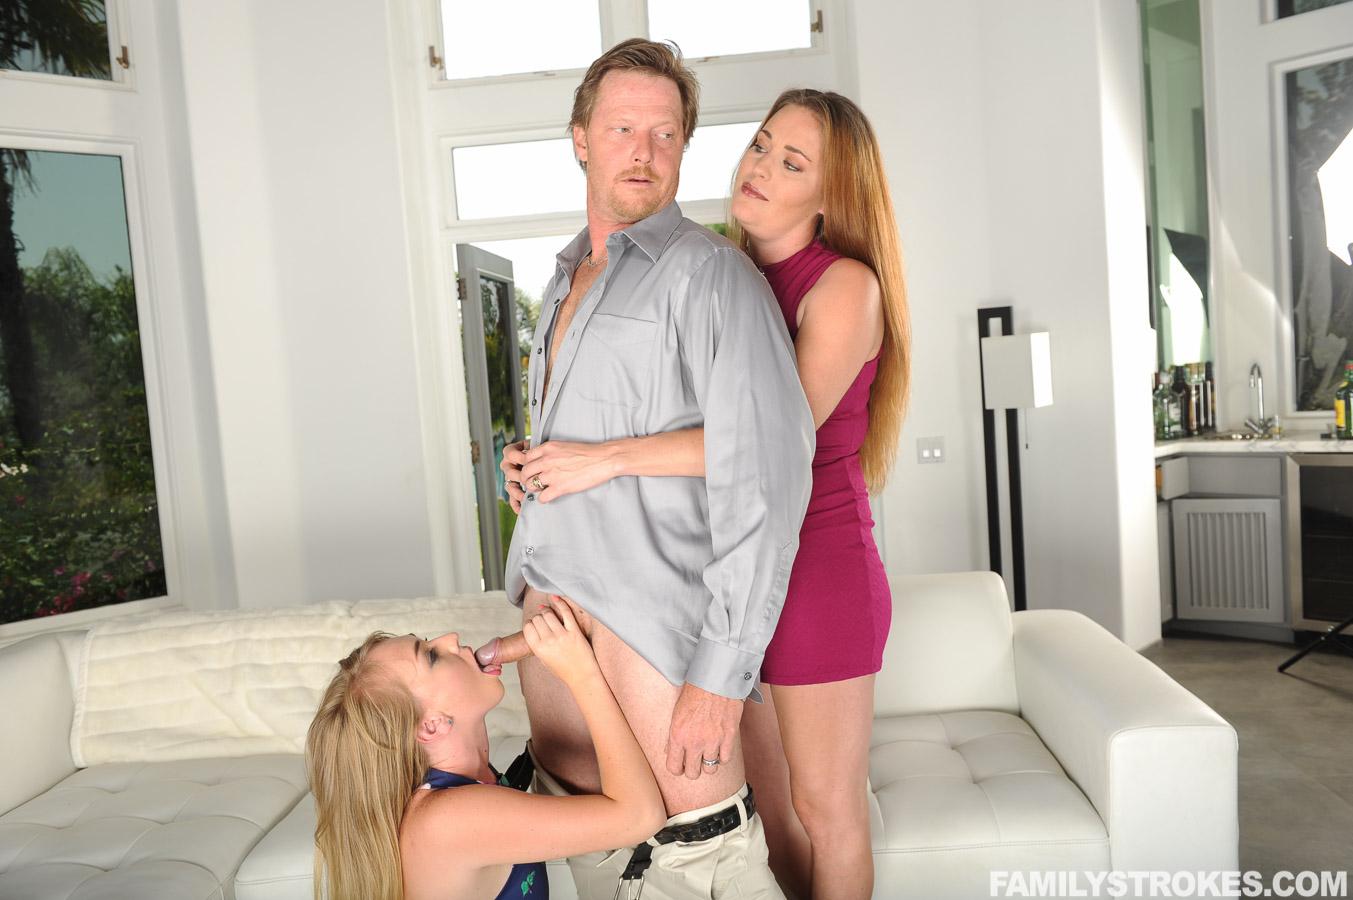 family pov porn